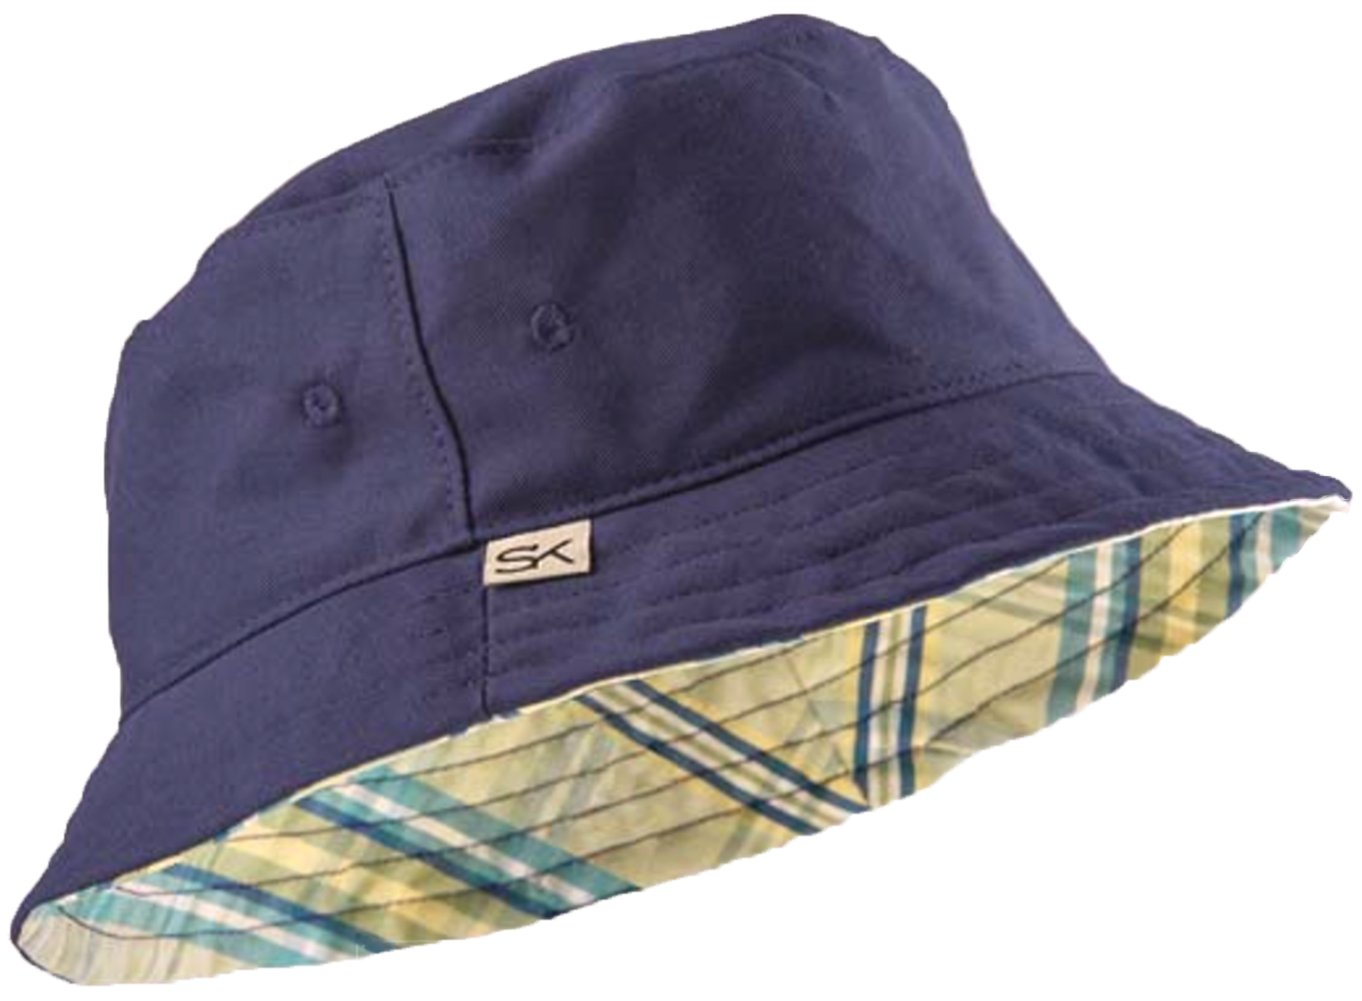 Stormy Kromer Unisex Bucket Hat, Eclipse, S